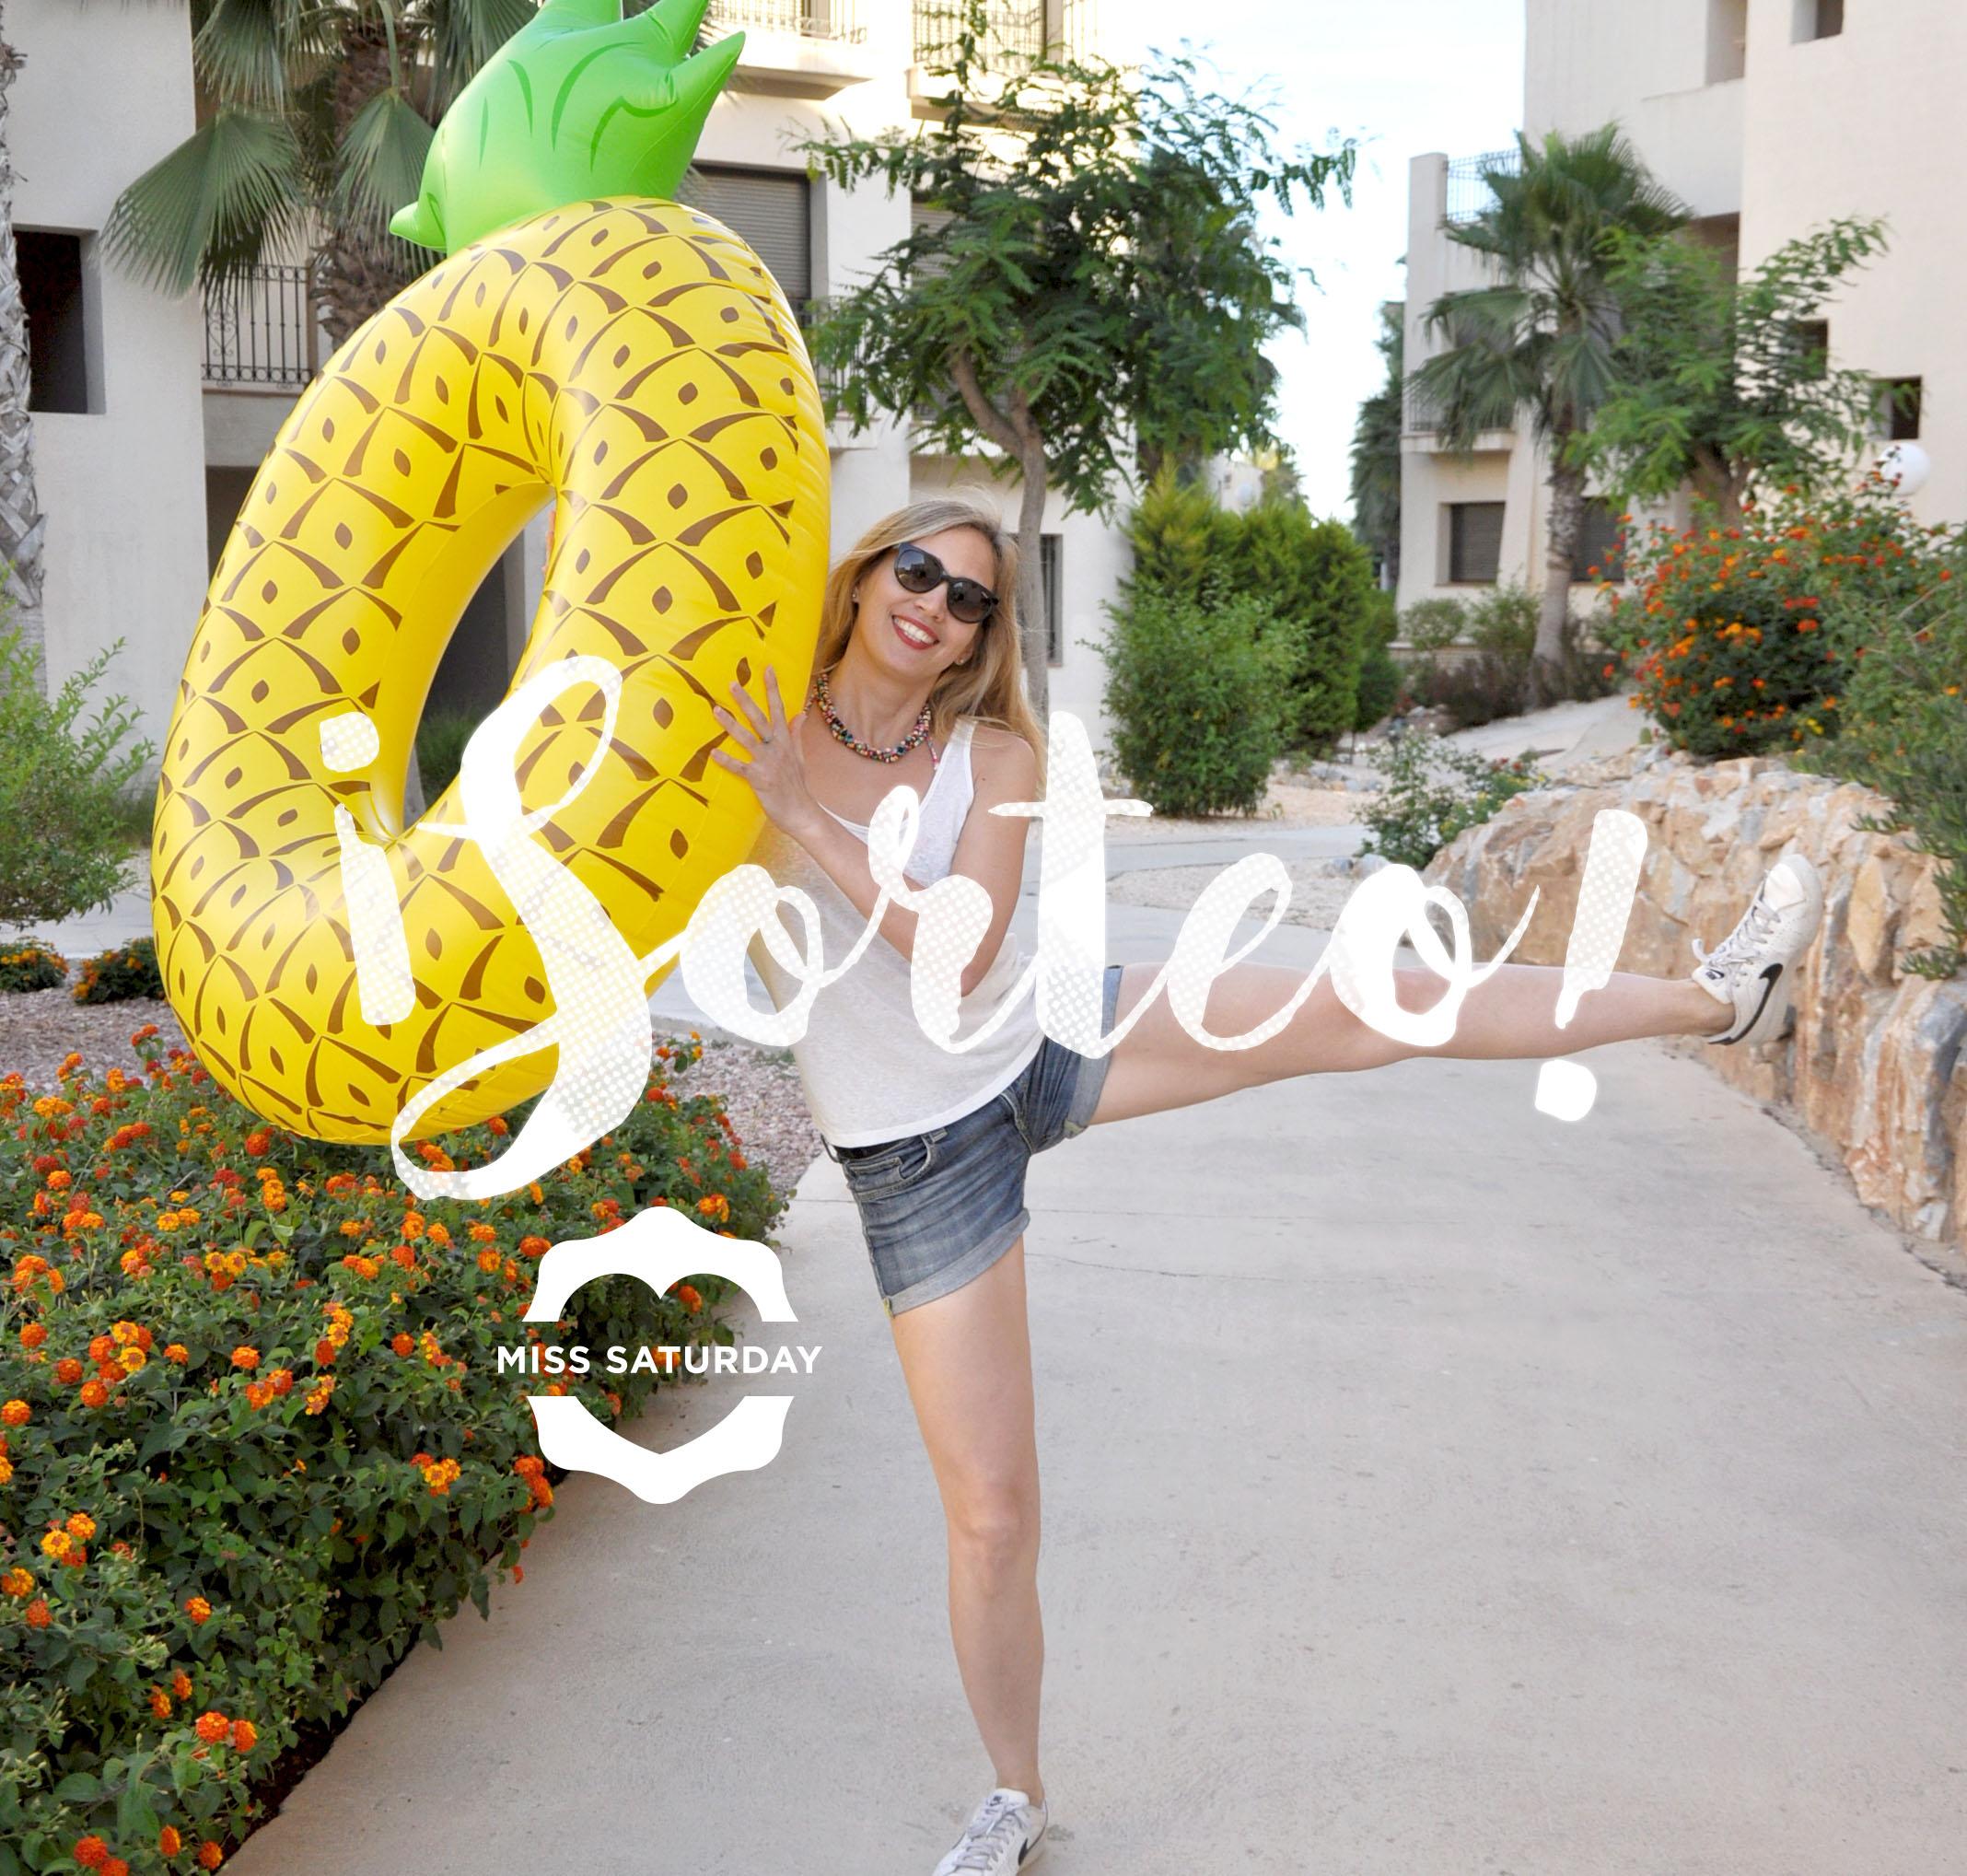 Sorteo-miss-saturday